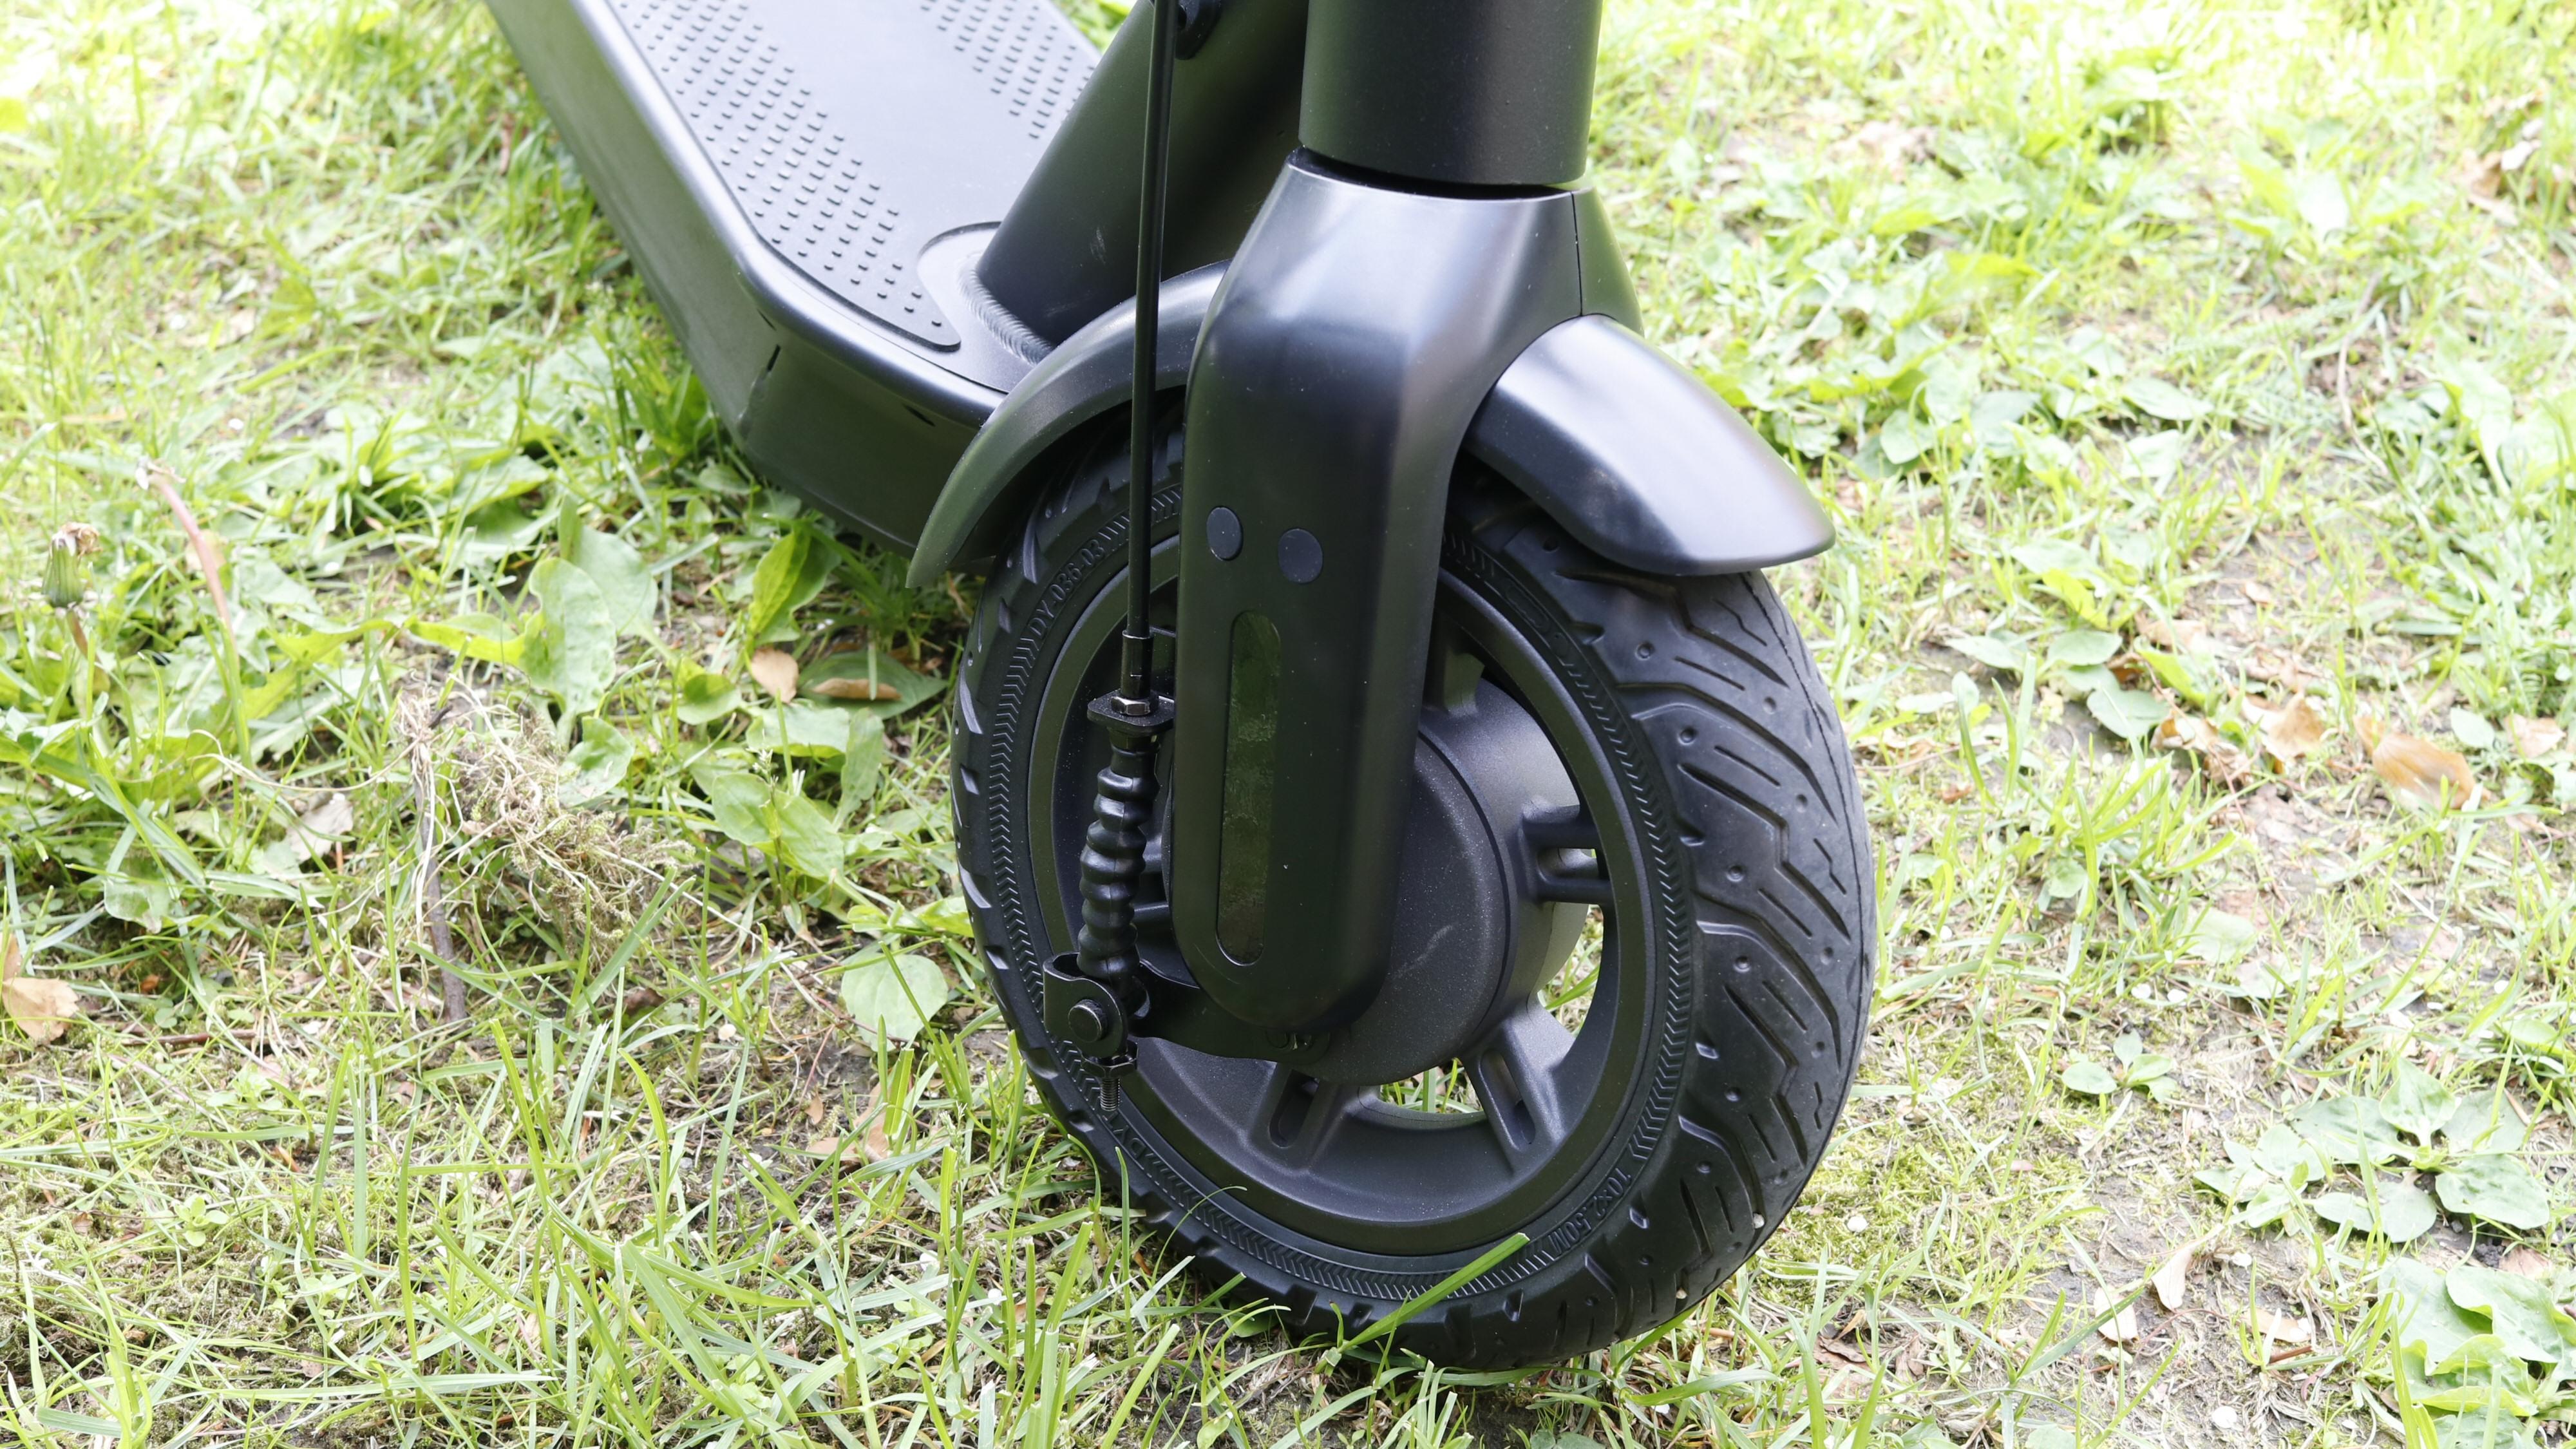 Forhjulet har trommelbrems.